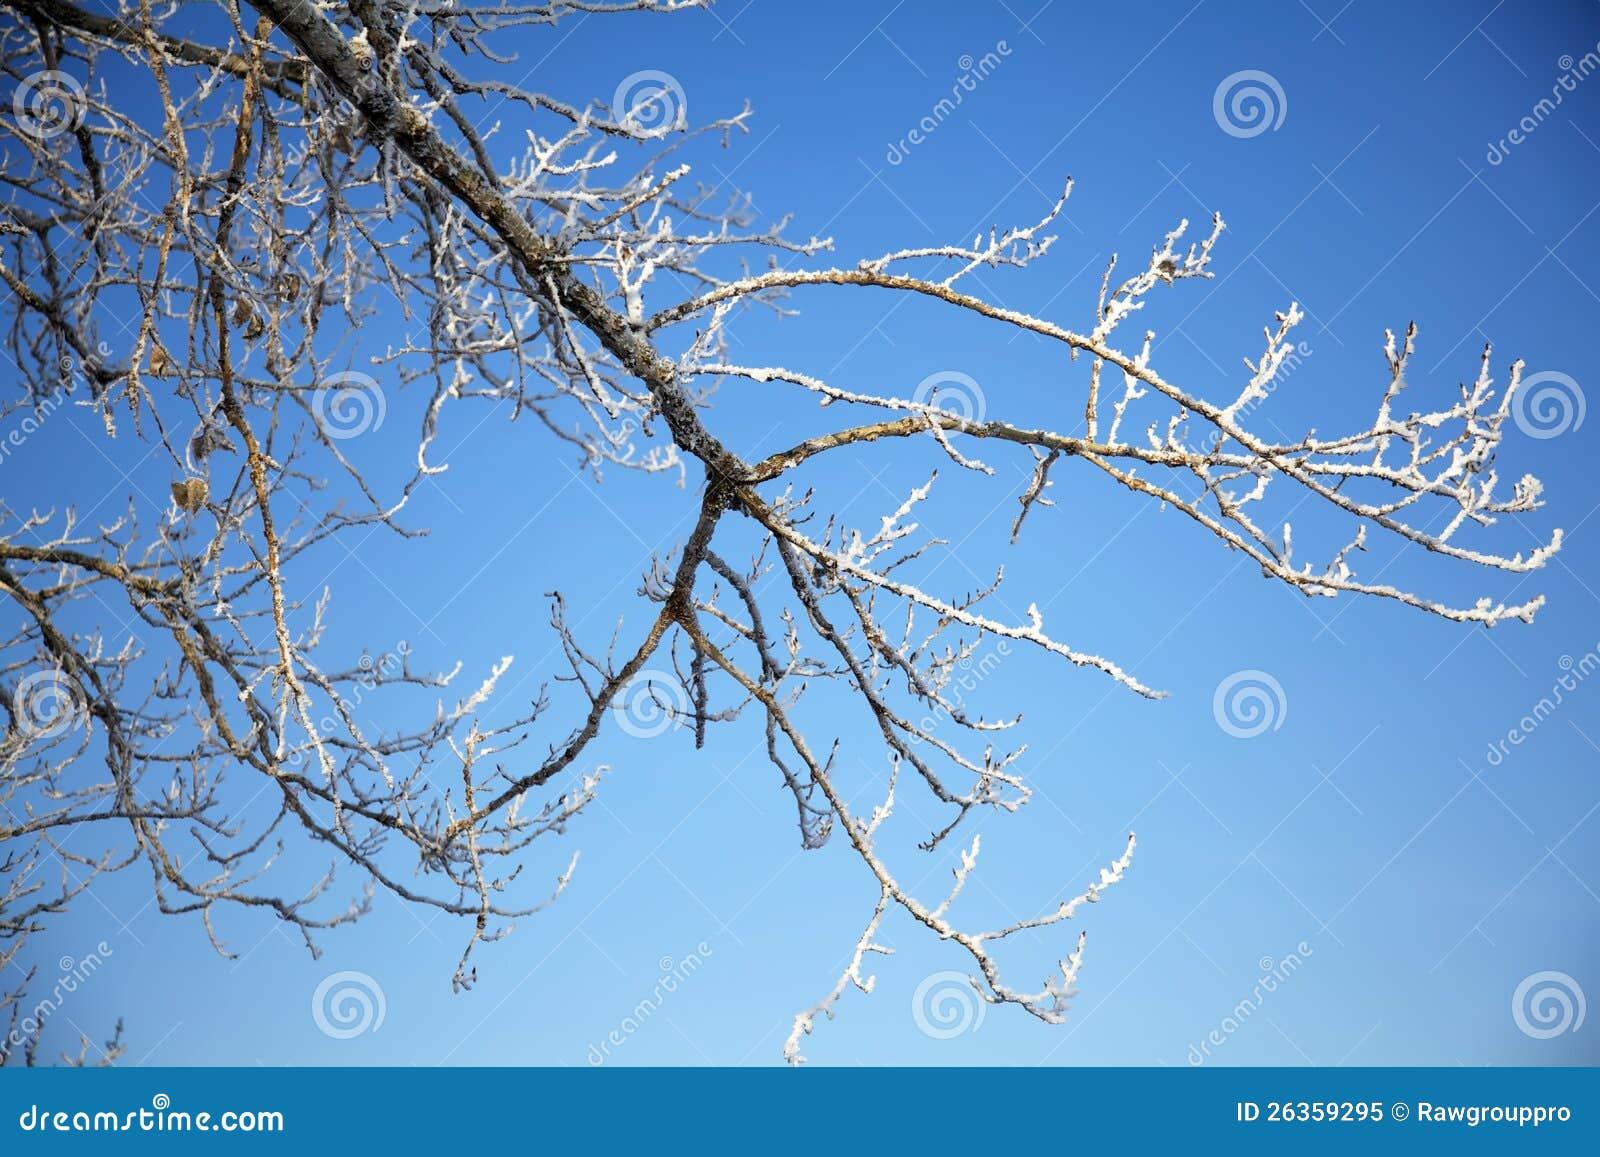 Σύνολο κλάδων δέντρων του παγετού